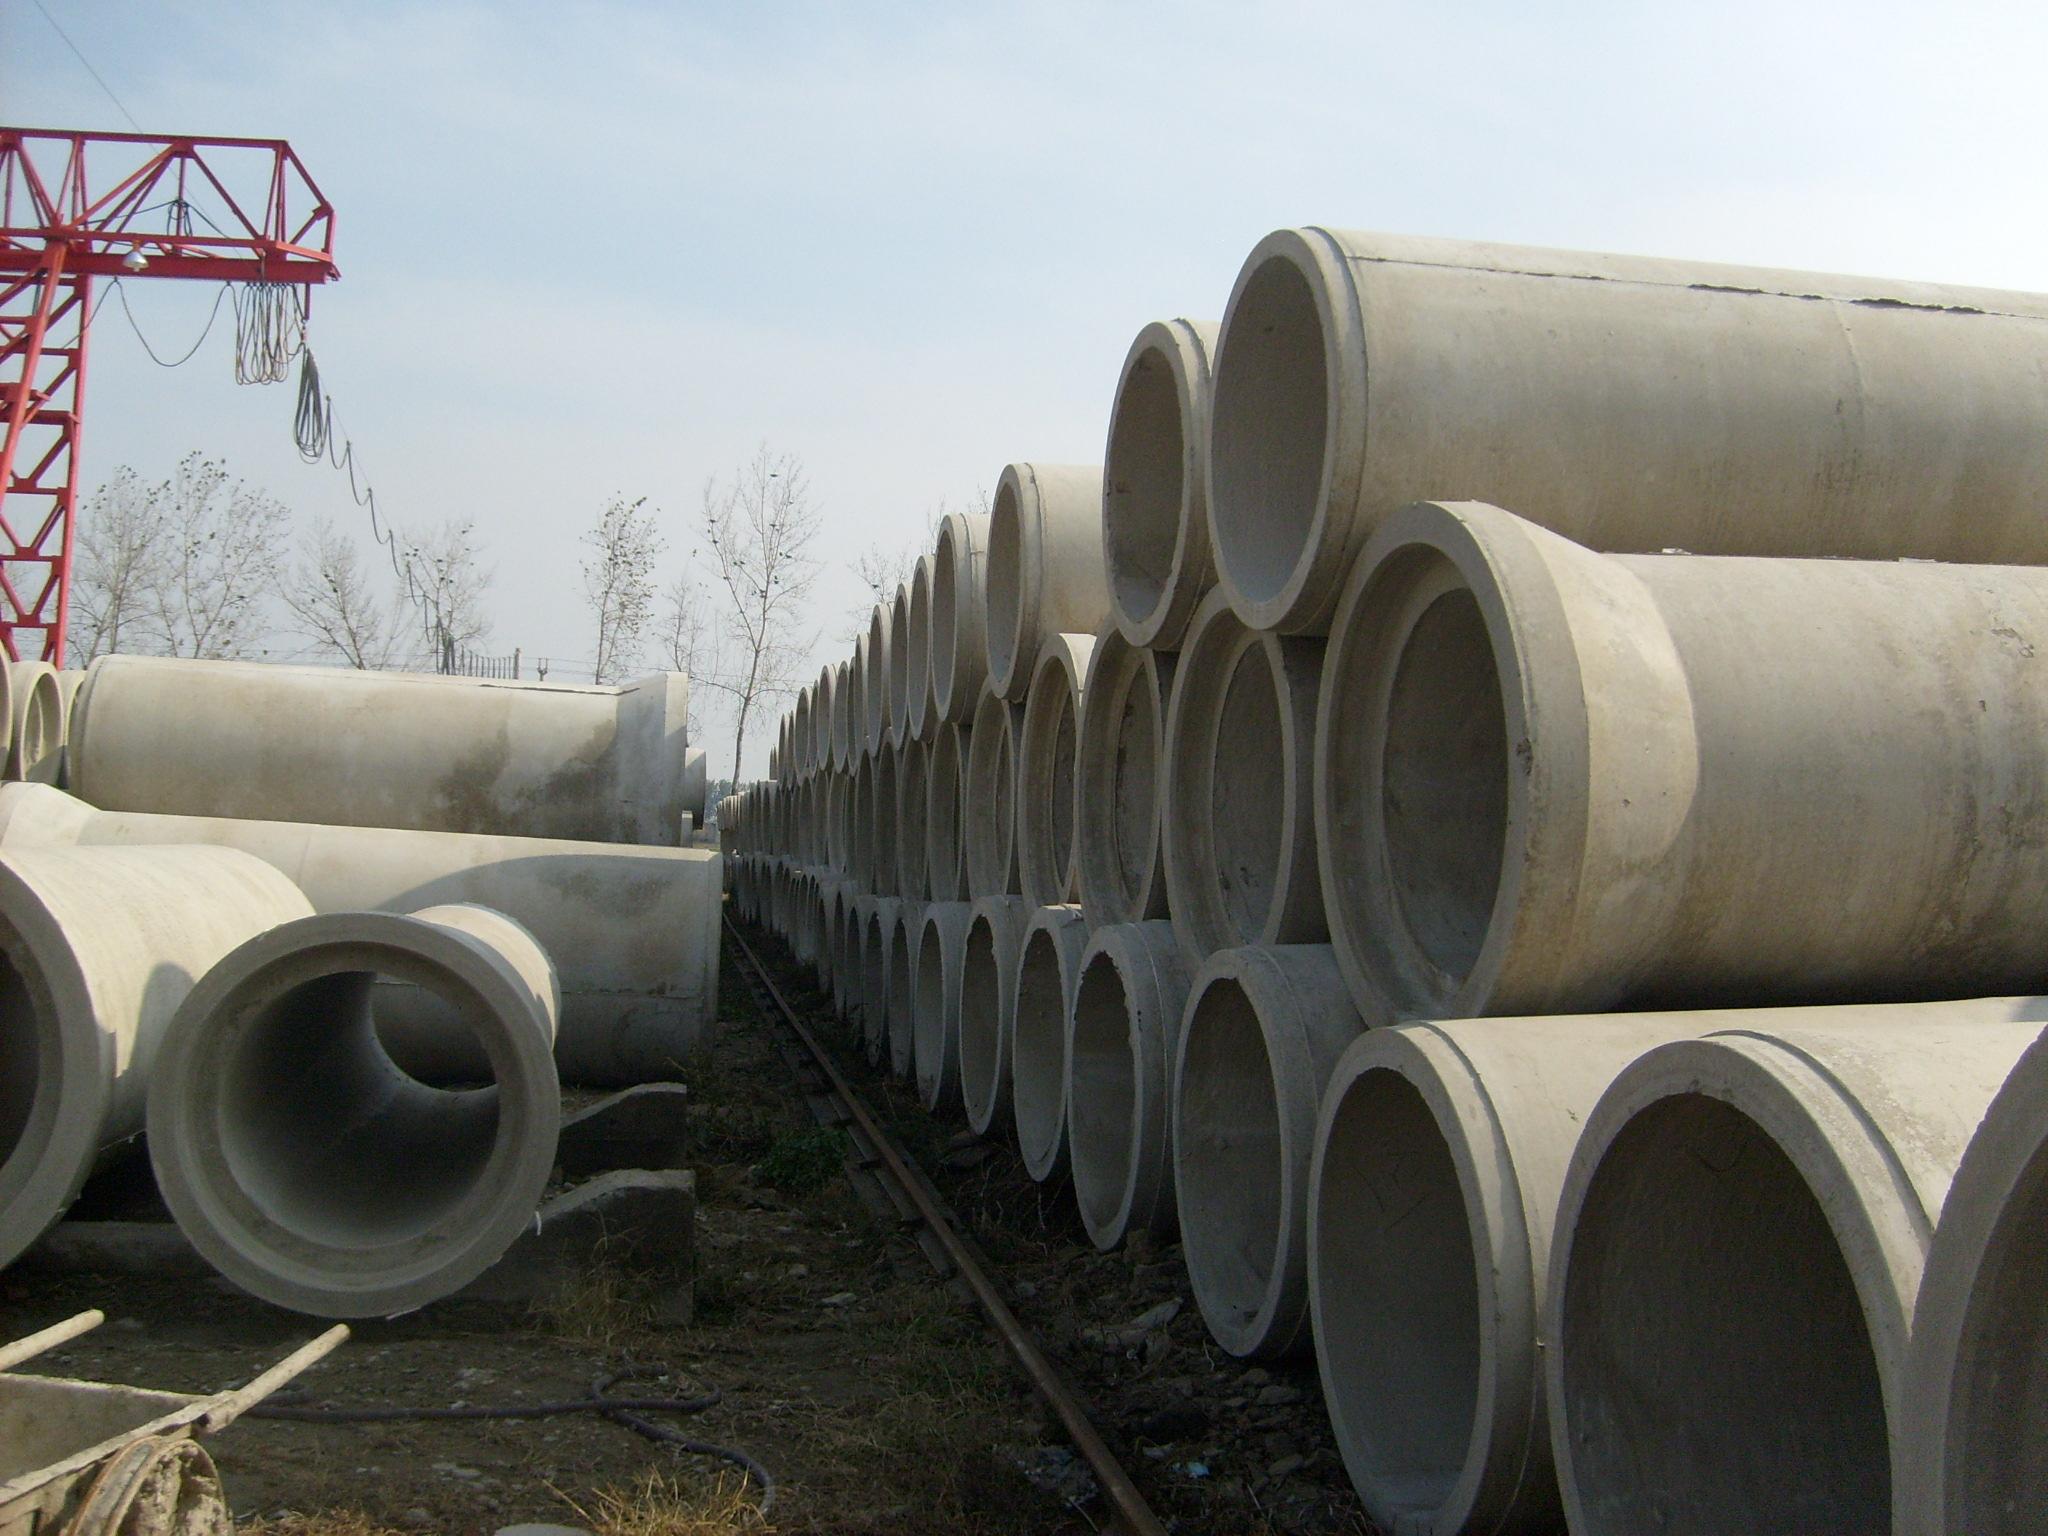 唐山水泥排水_唐山水泥排水管承插口排水管_唐山水泥排水